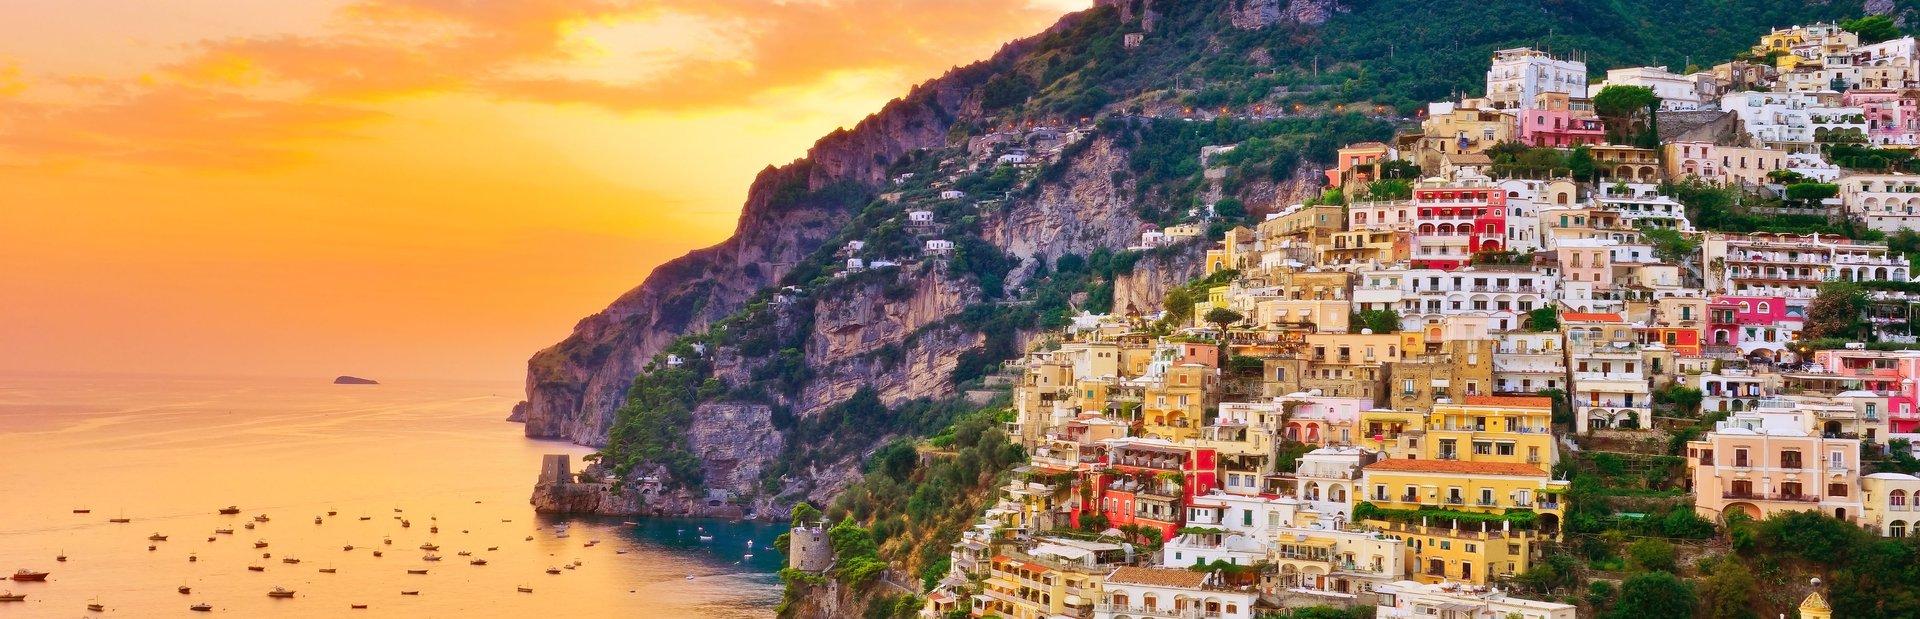 Amalfi Coast photo tour